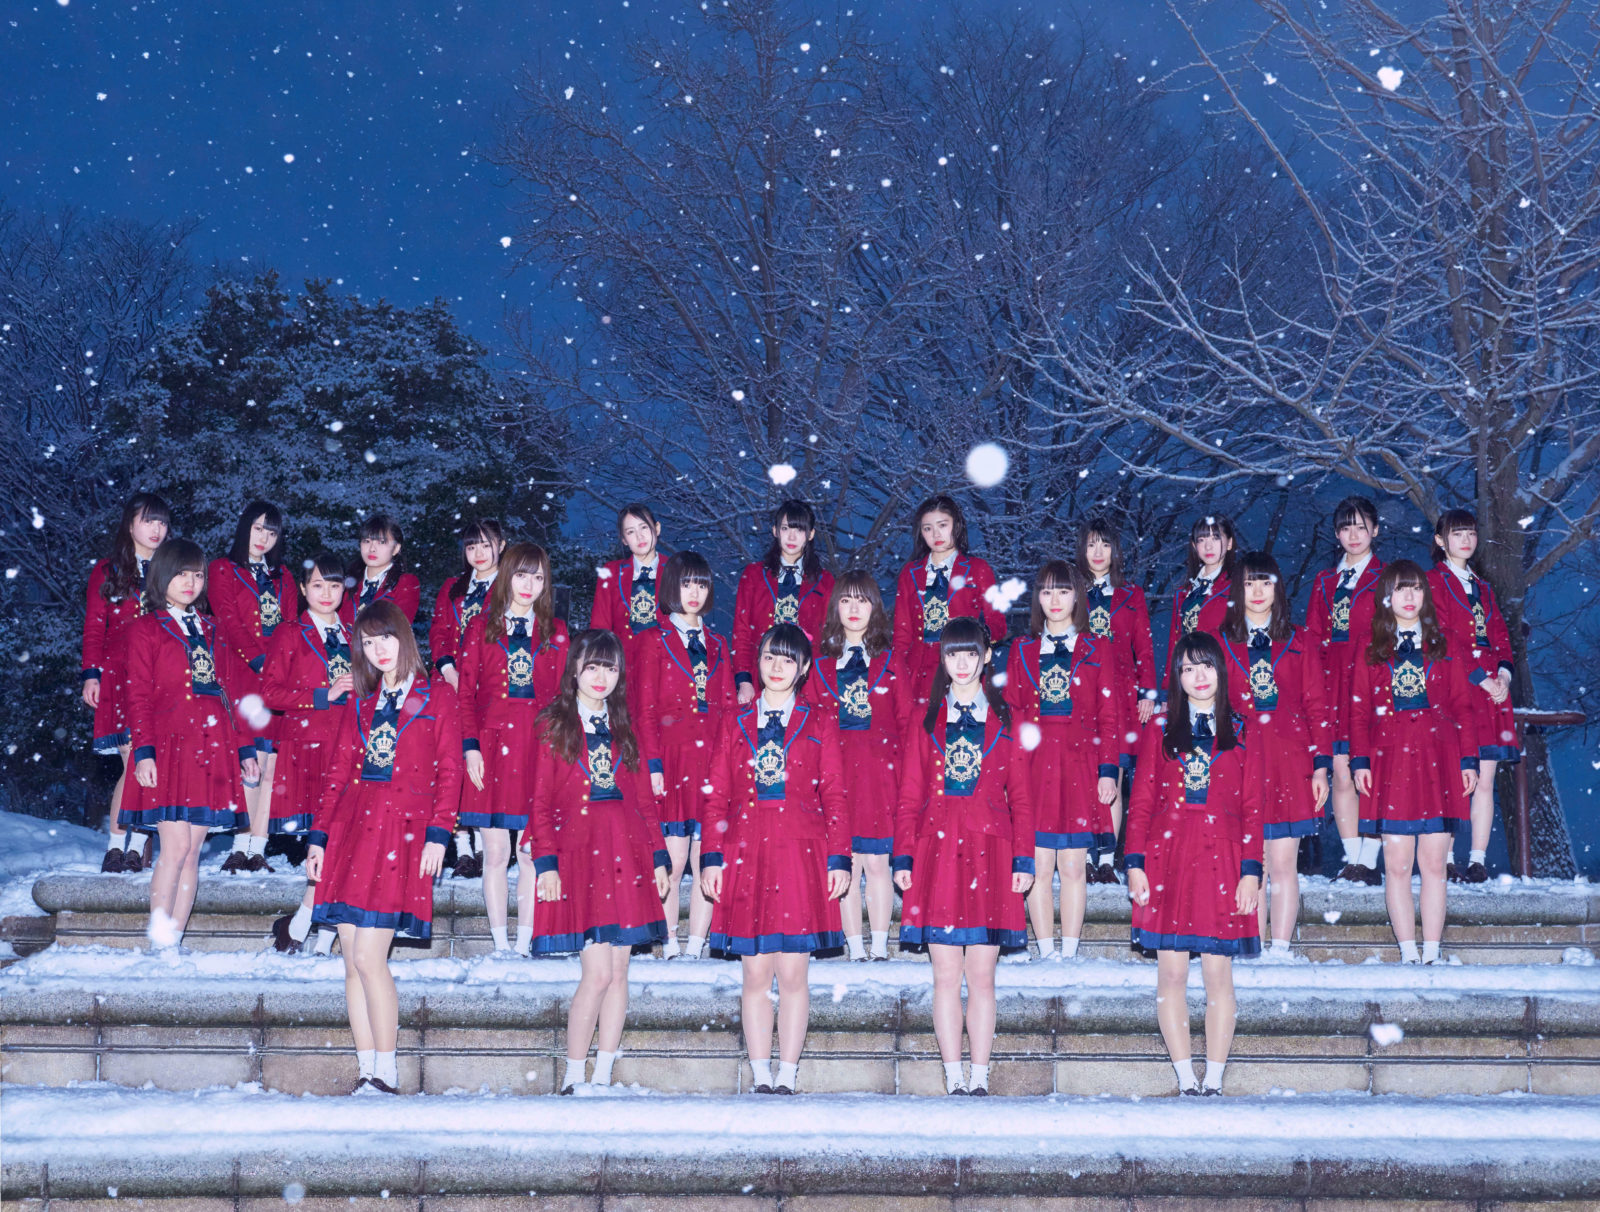 北原里英ラスト出演!「AKB48のオールナイトニッポン」の発言に注目サムネイル画像